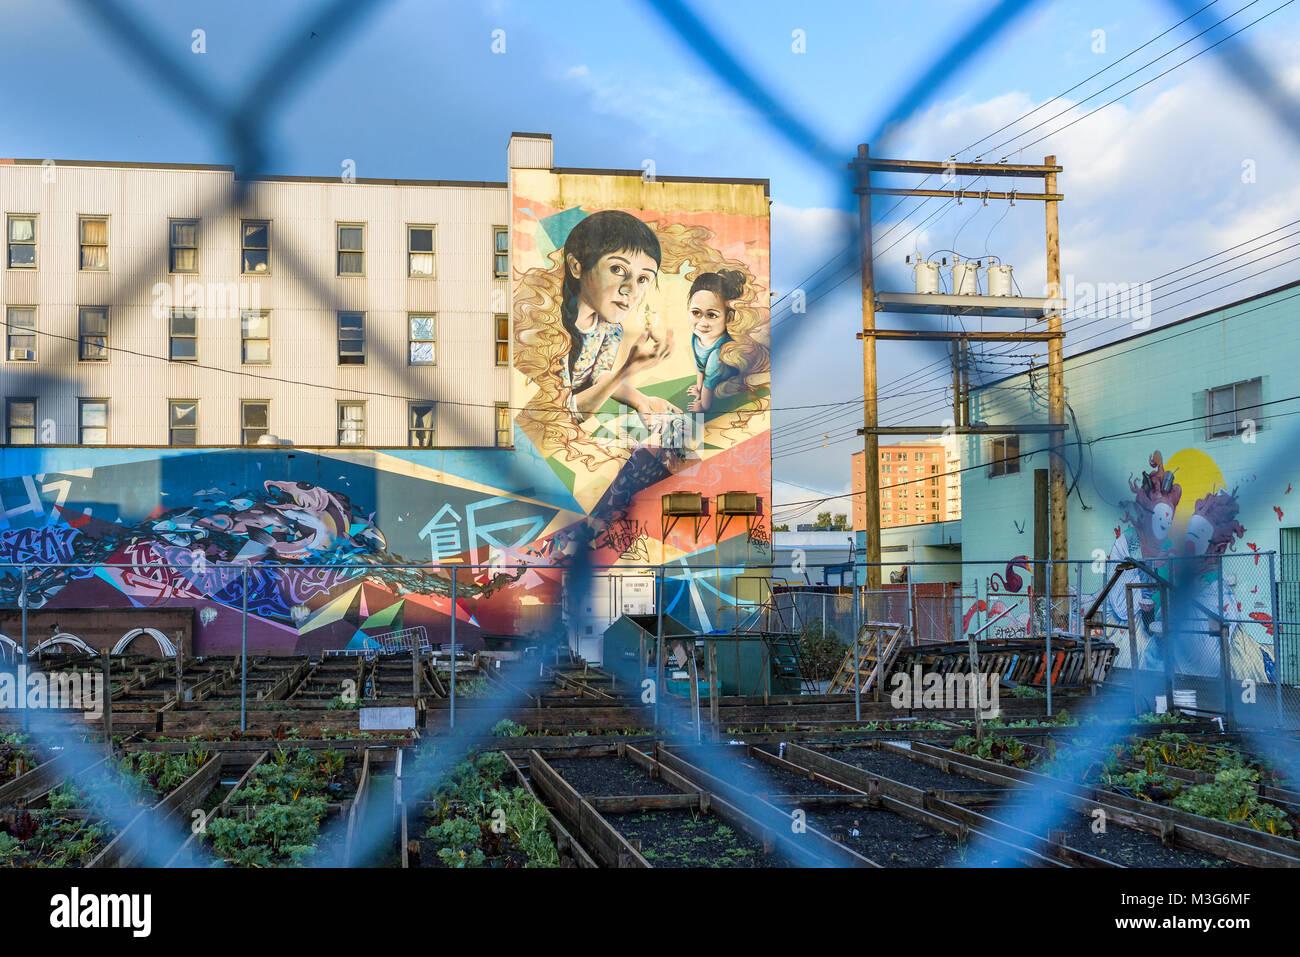 Les Jardins De L Ame Fresque Murale Dtes Centre Ville De